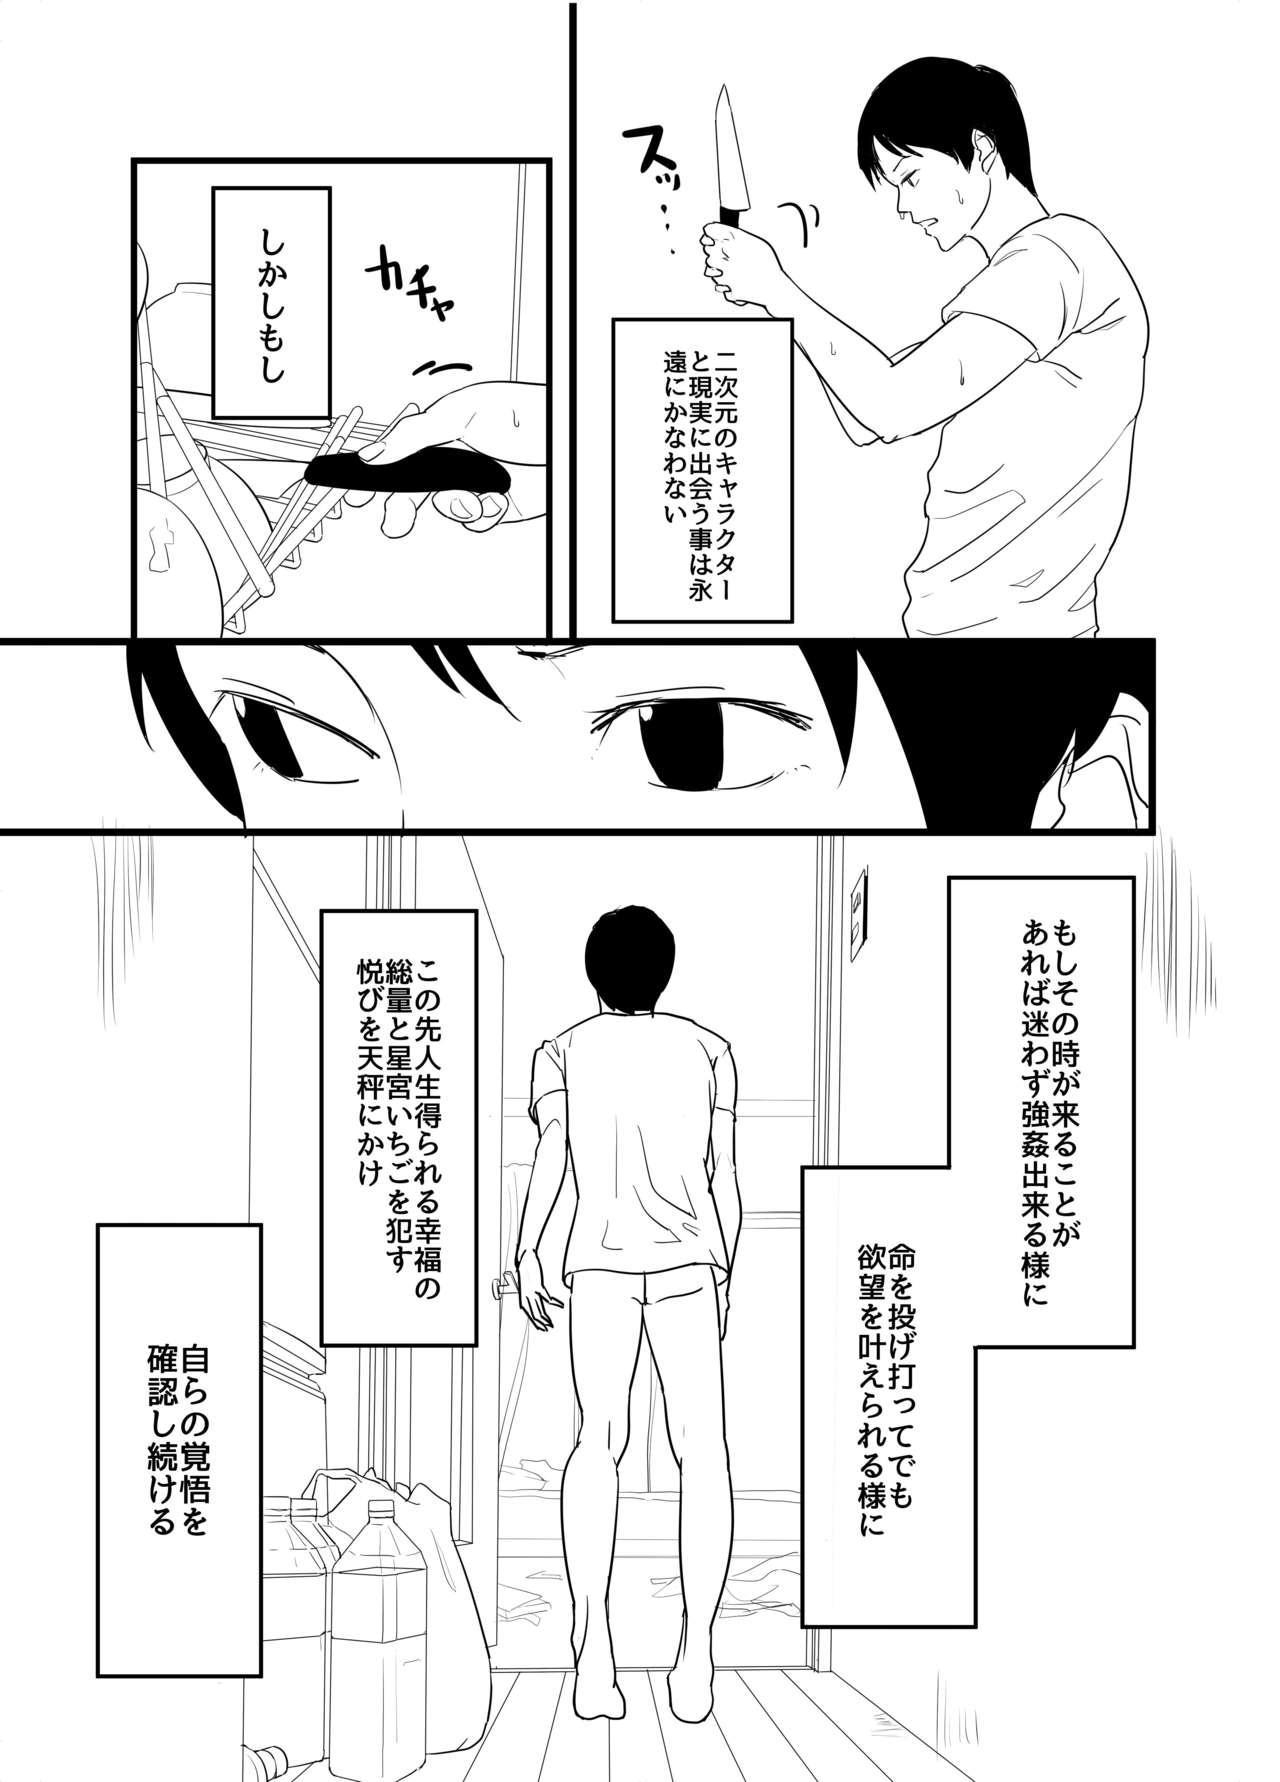 Hoshimiya Ichigo o Goukan Shite Boku wa Hoshi ni Naru. 7